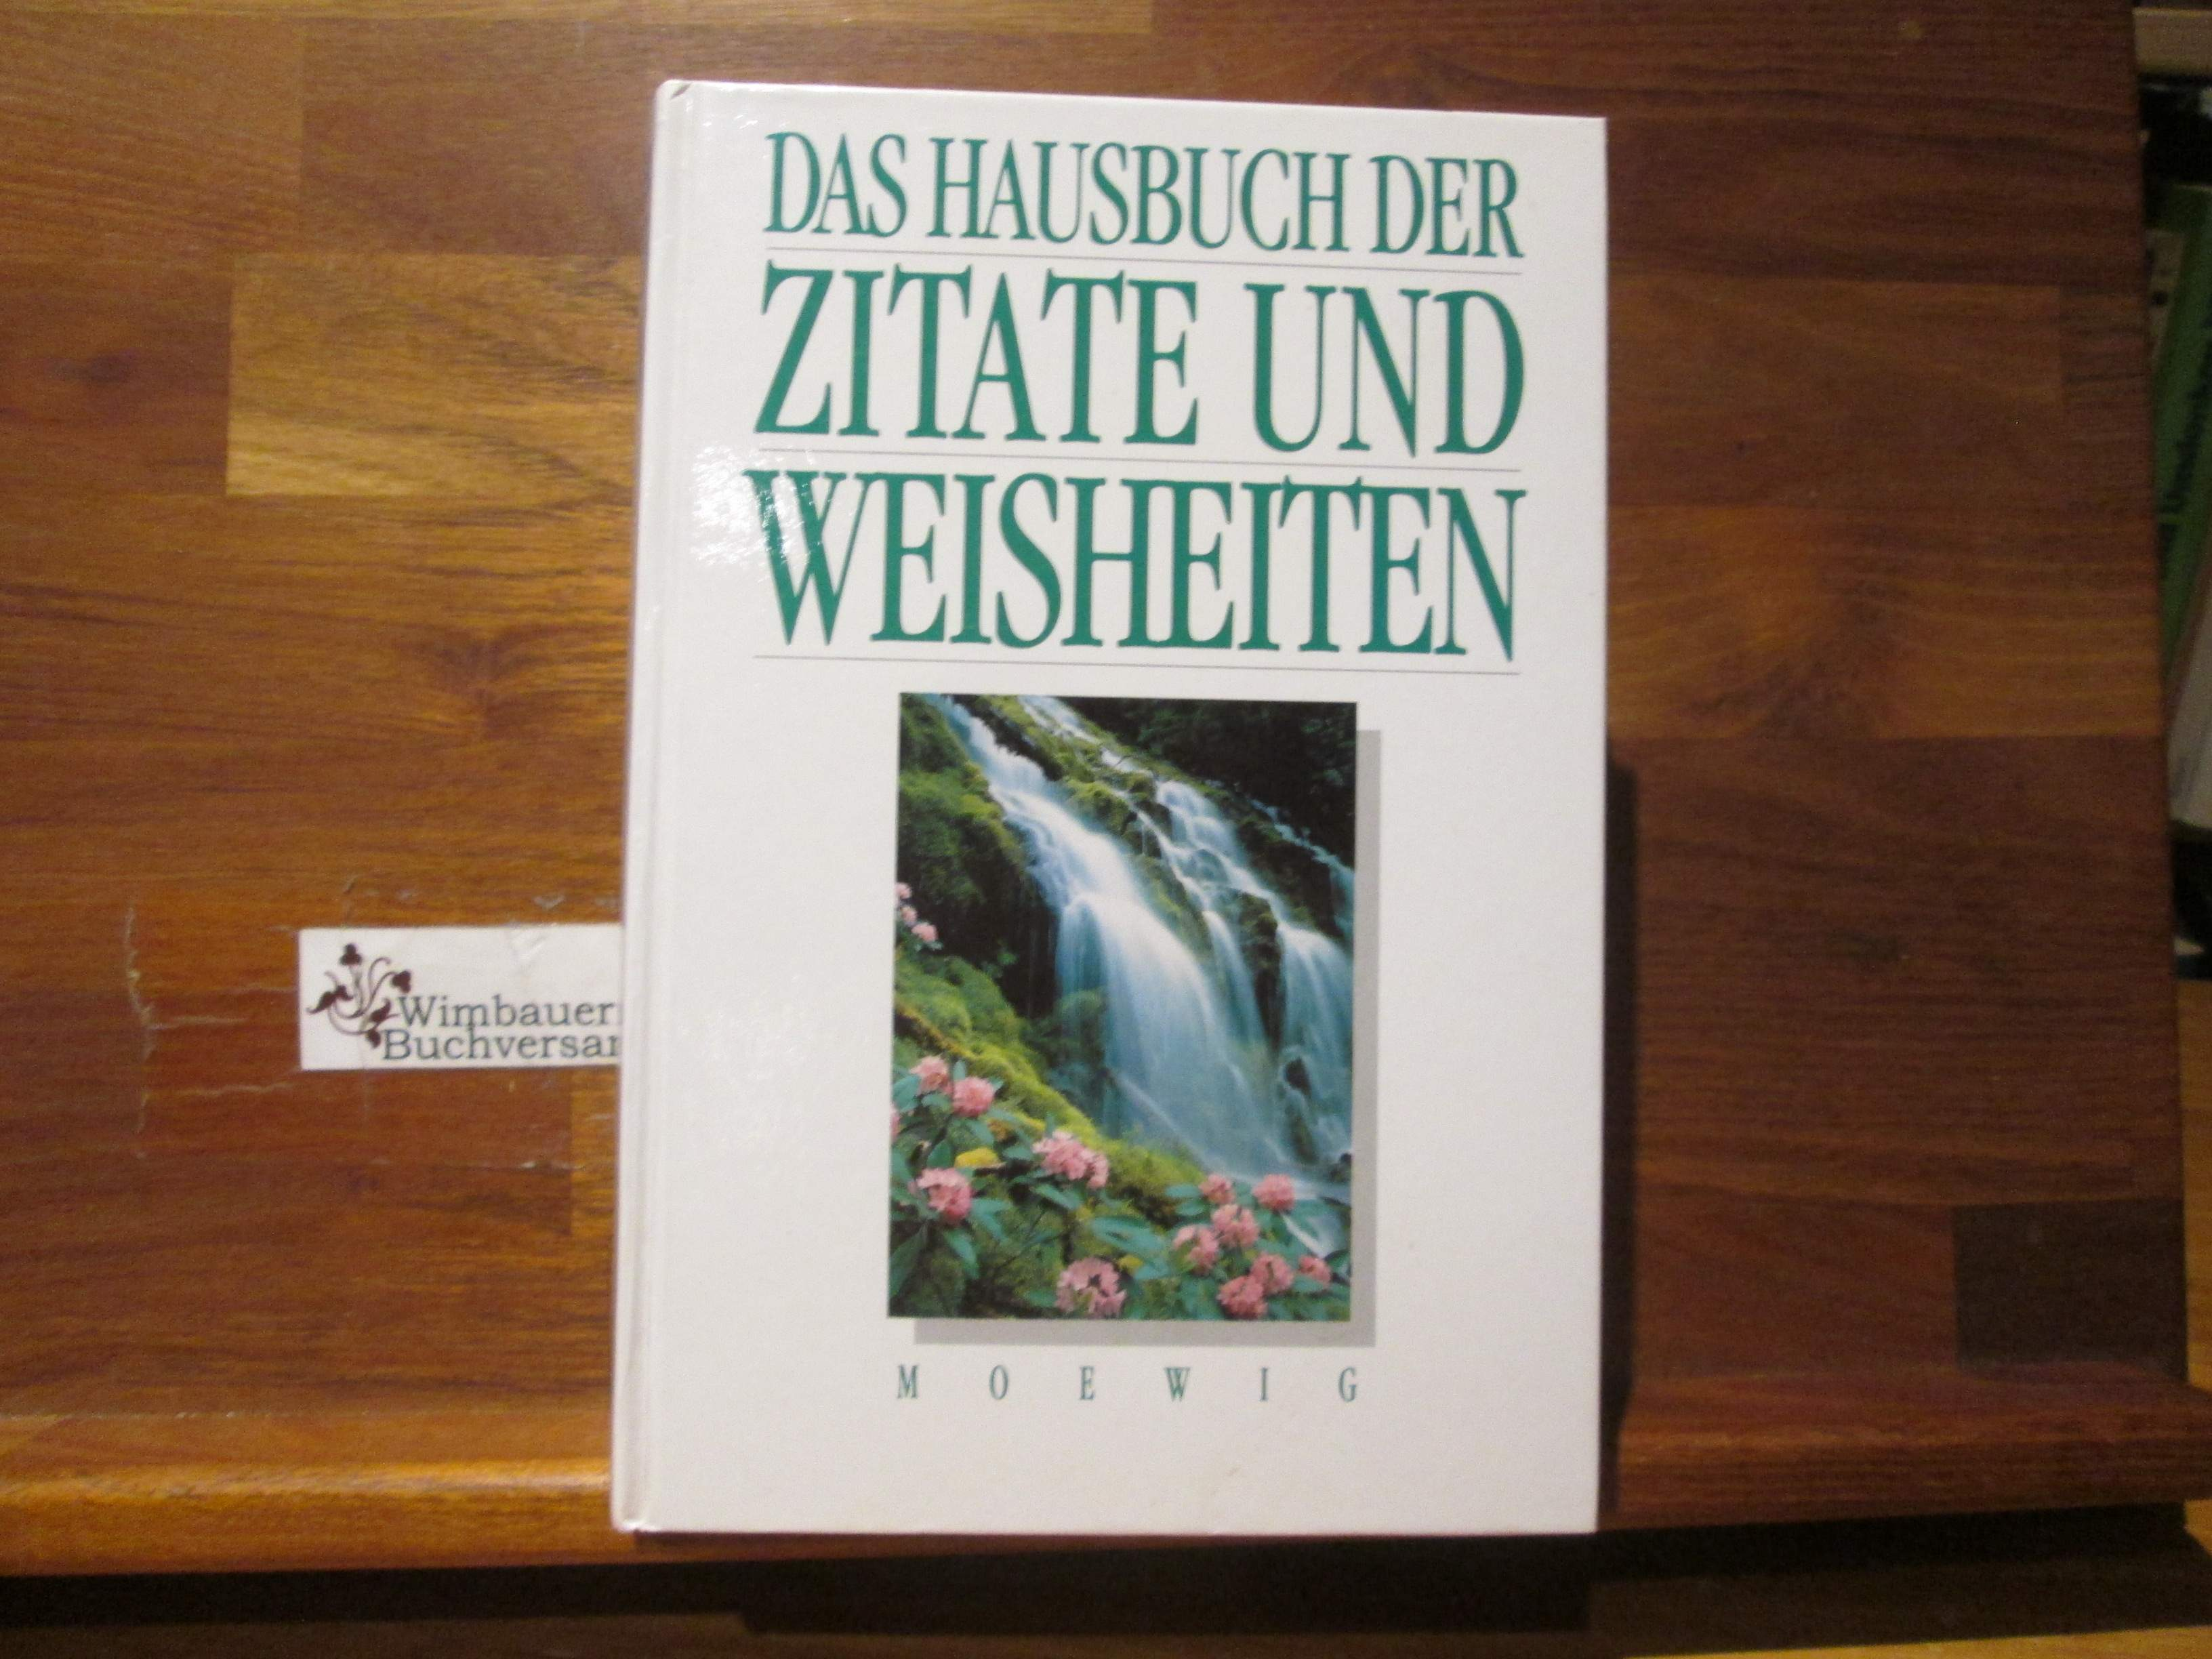 Das Hausbuch der Zitate und Weisheiten. Das grosse Hausbuch der Zitate